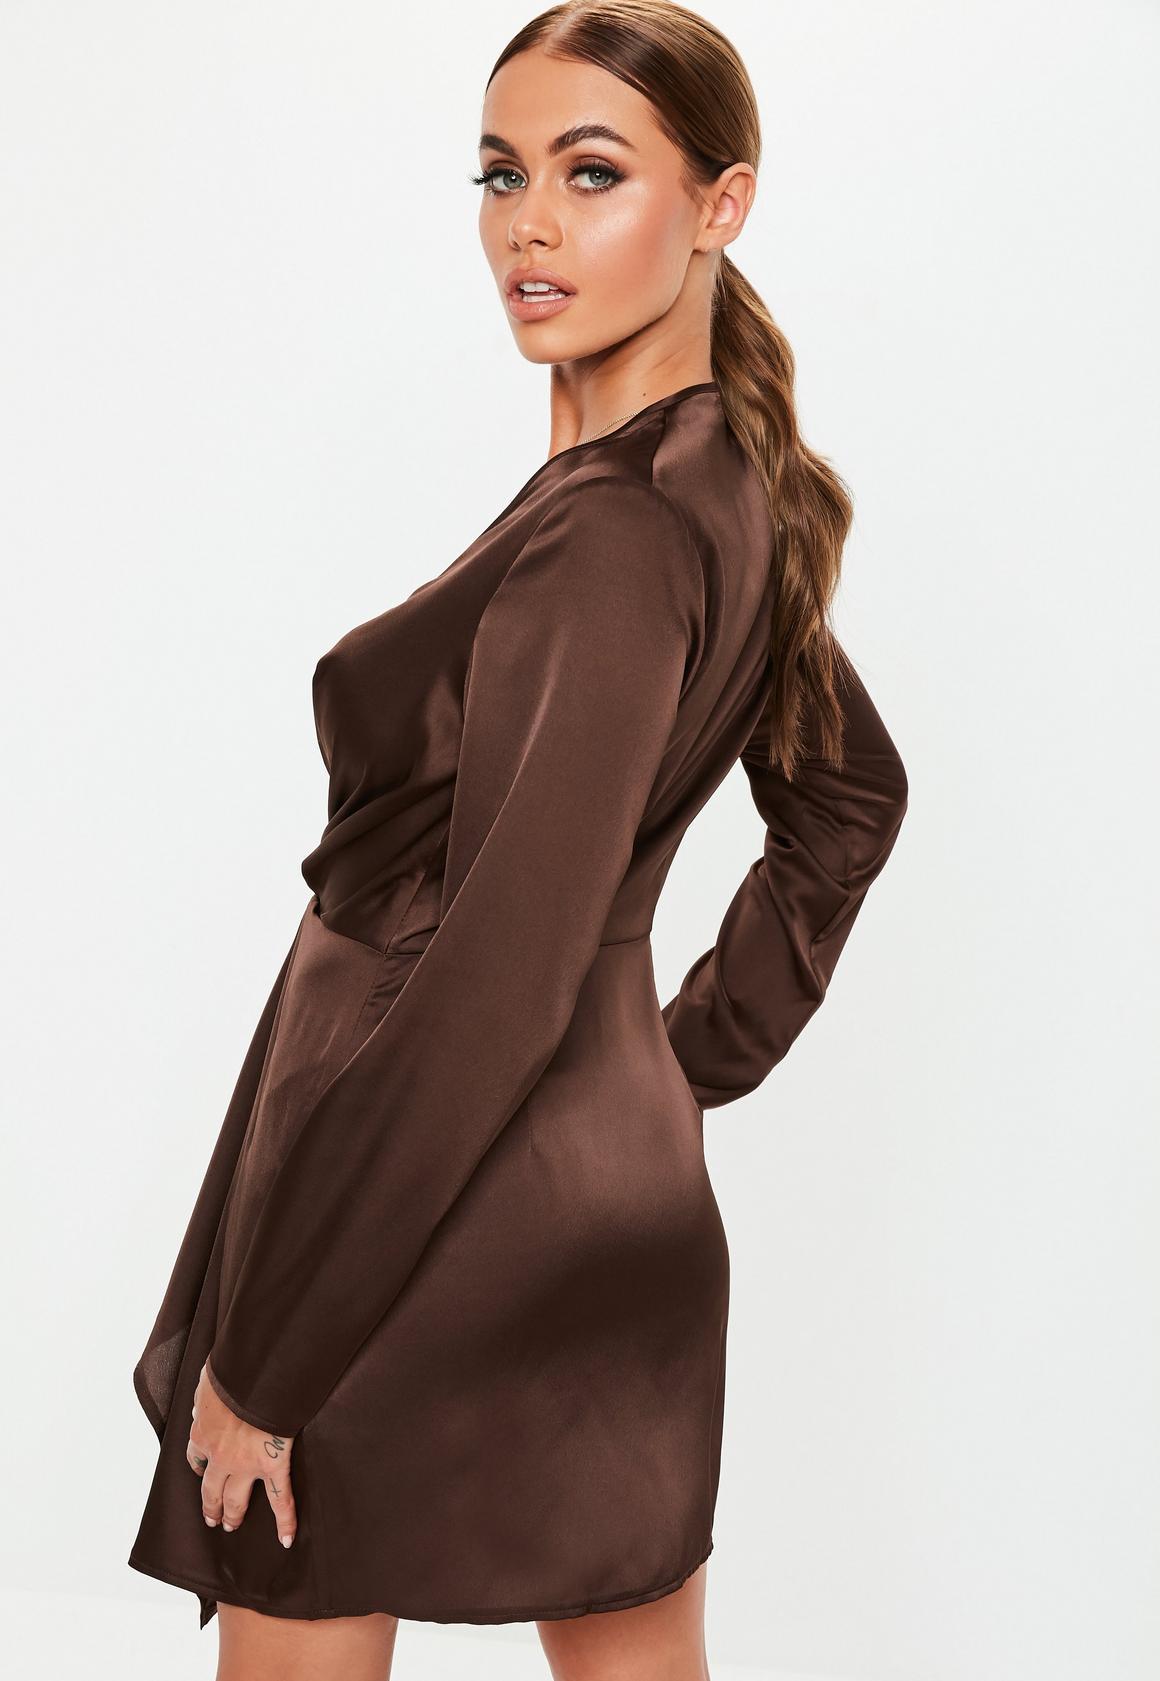 Missguided - robe courte en satin  vrille devant - 4